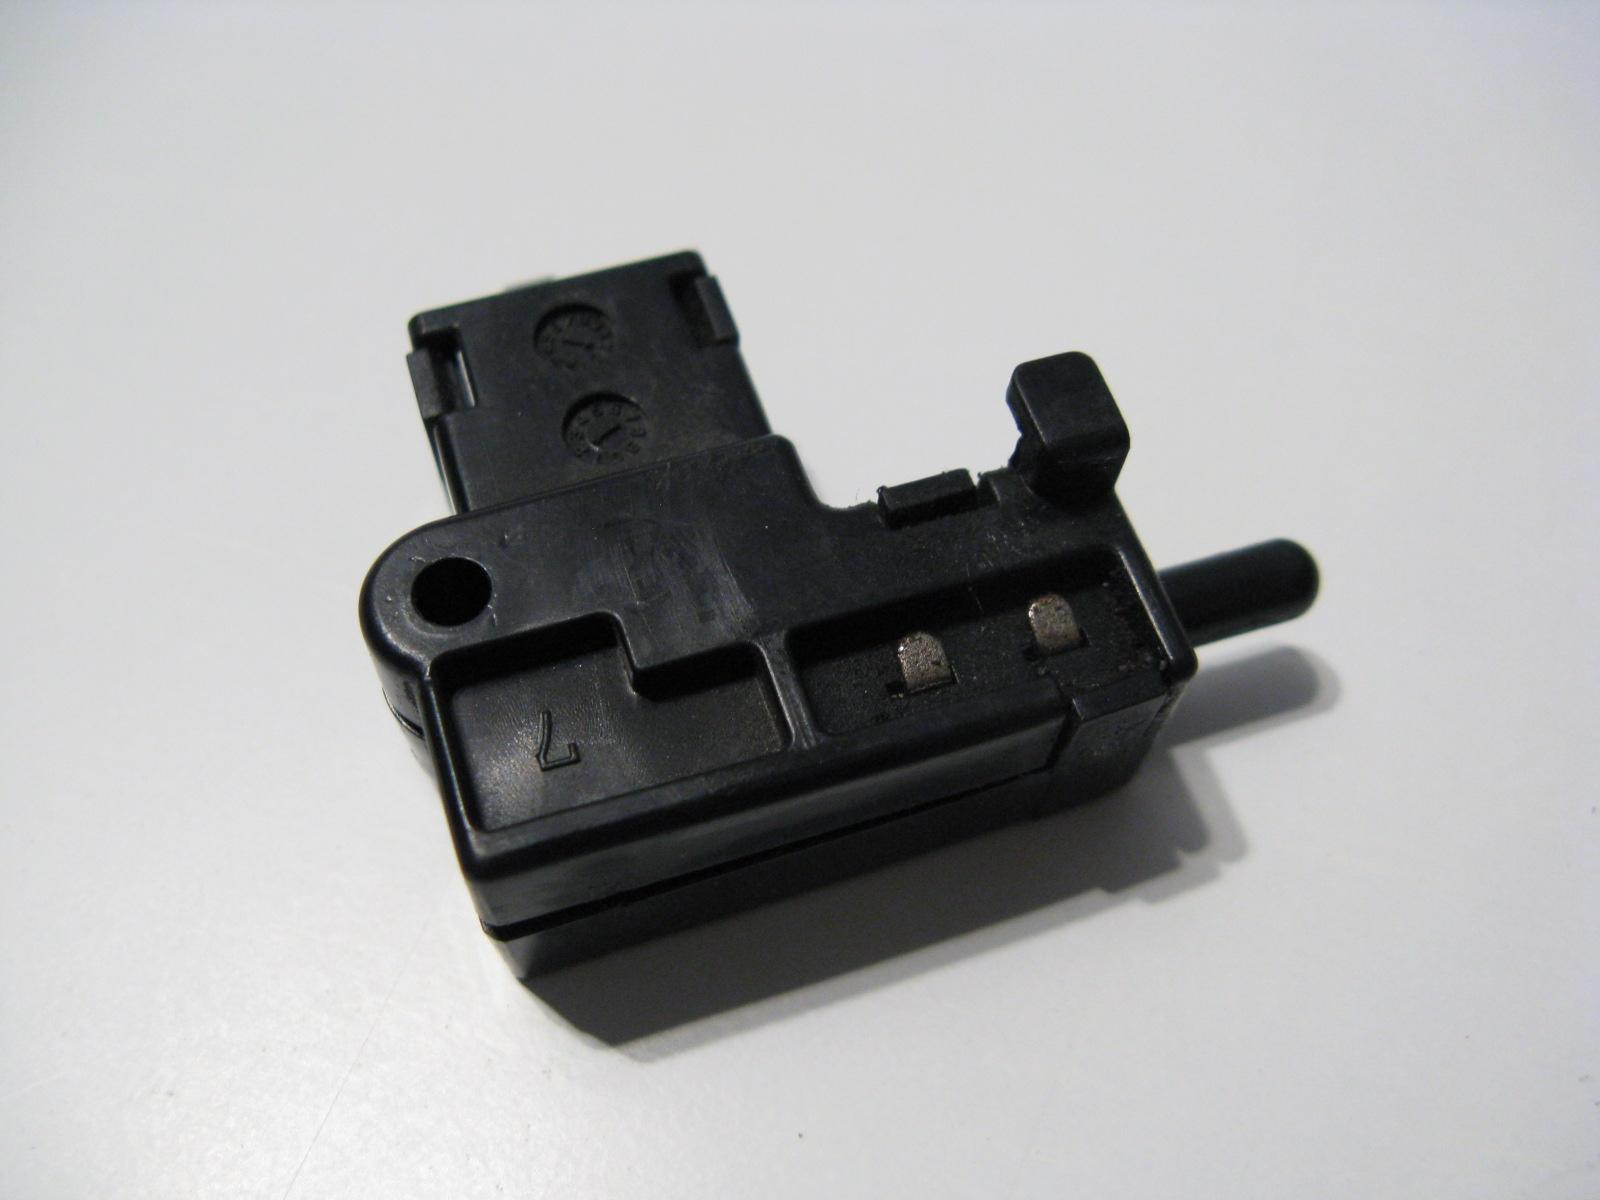 RE06 08-13 Kupplungsschalter Schalter Clutch Lever Switch Yamaha YZF-R 125